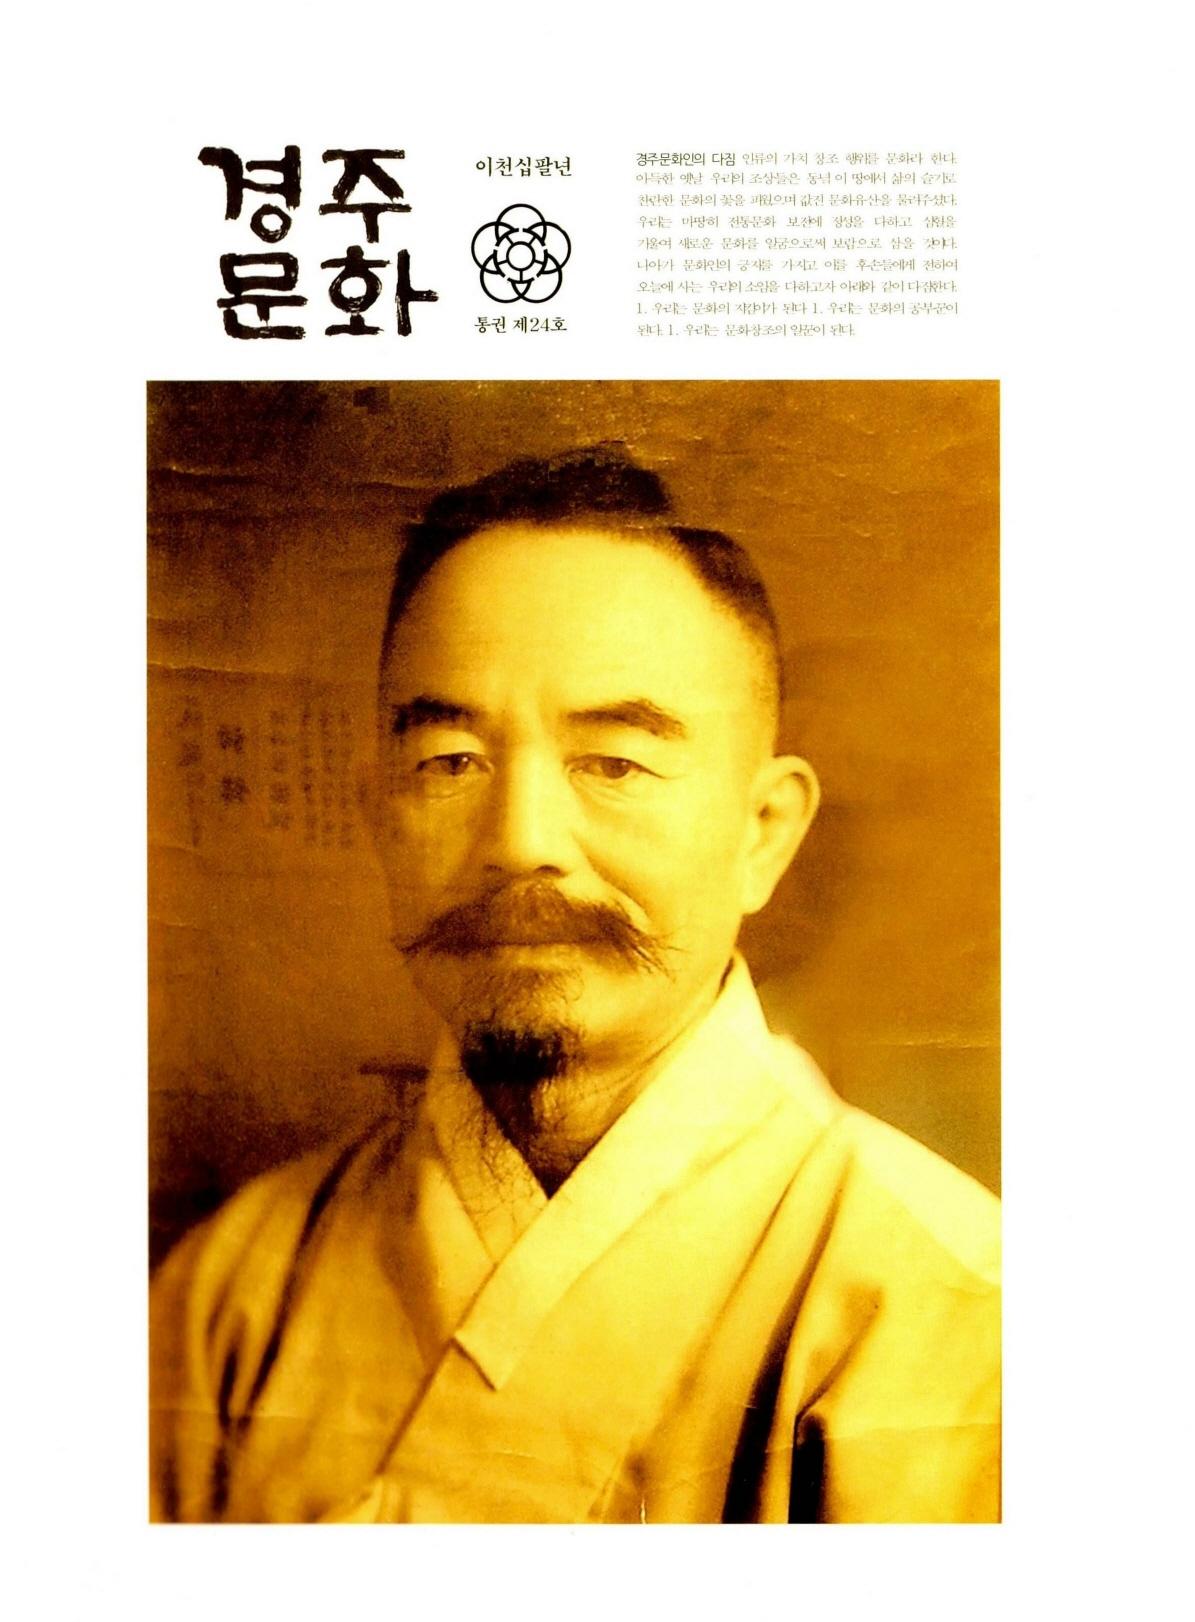 경주문화 이천십팔년 통권 제24호